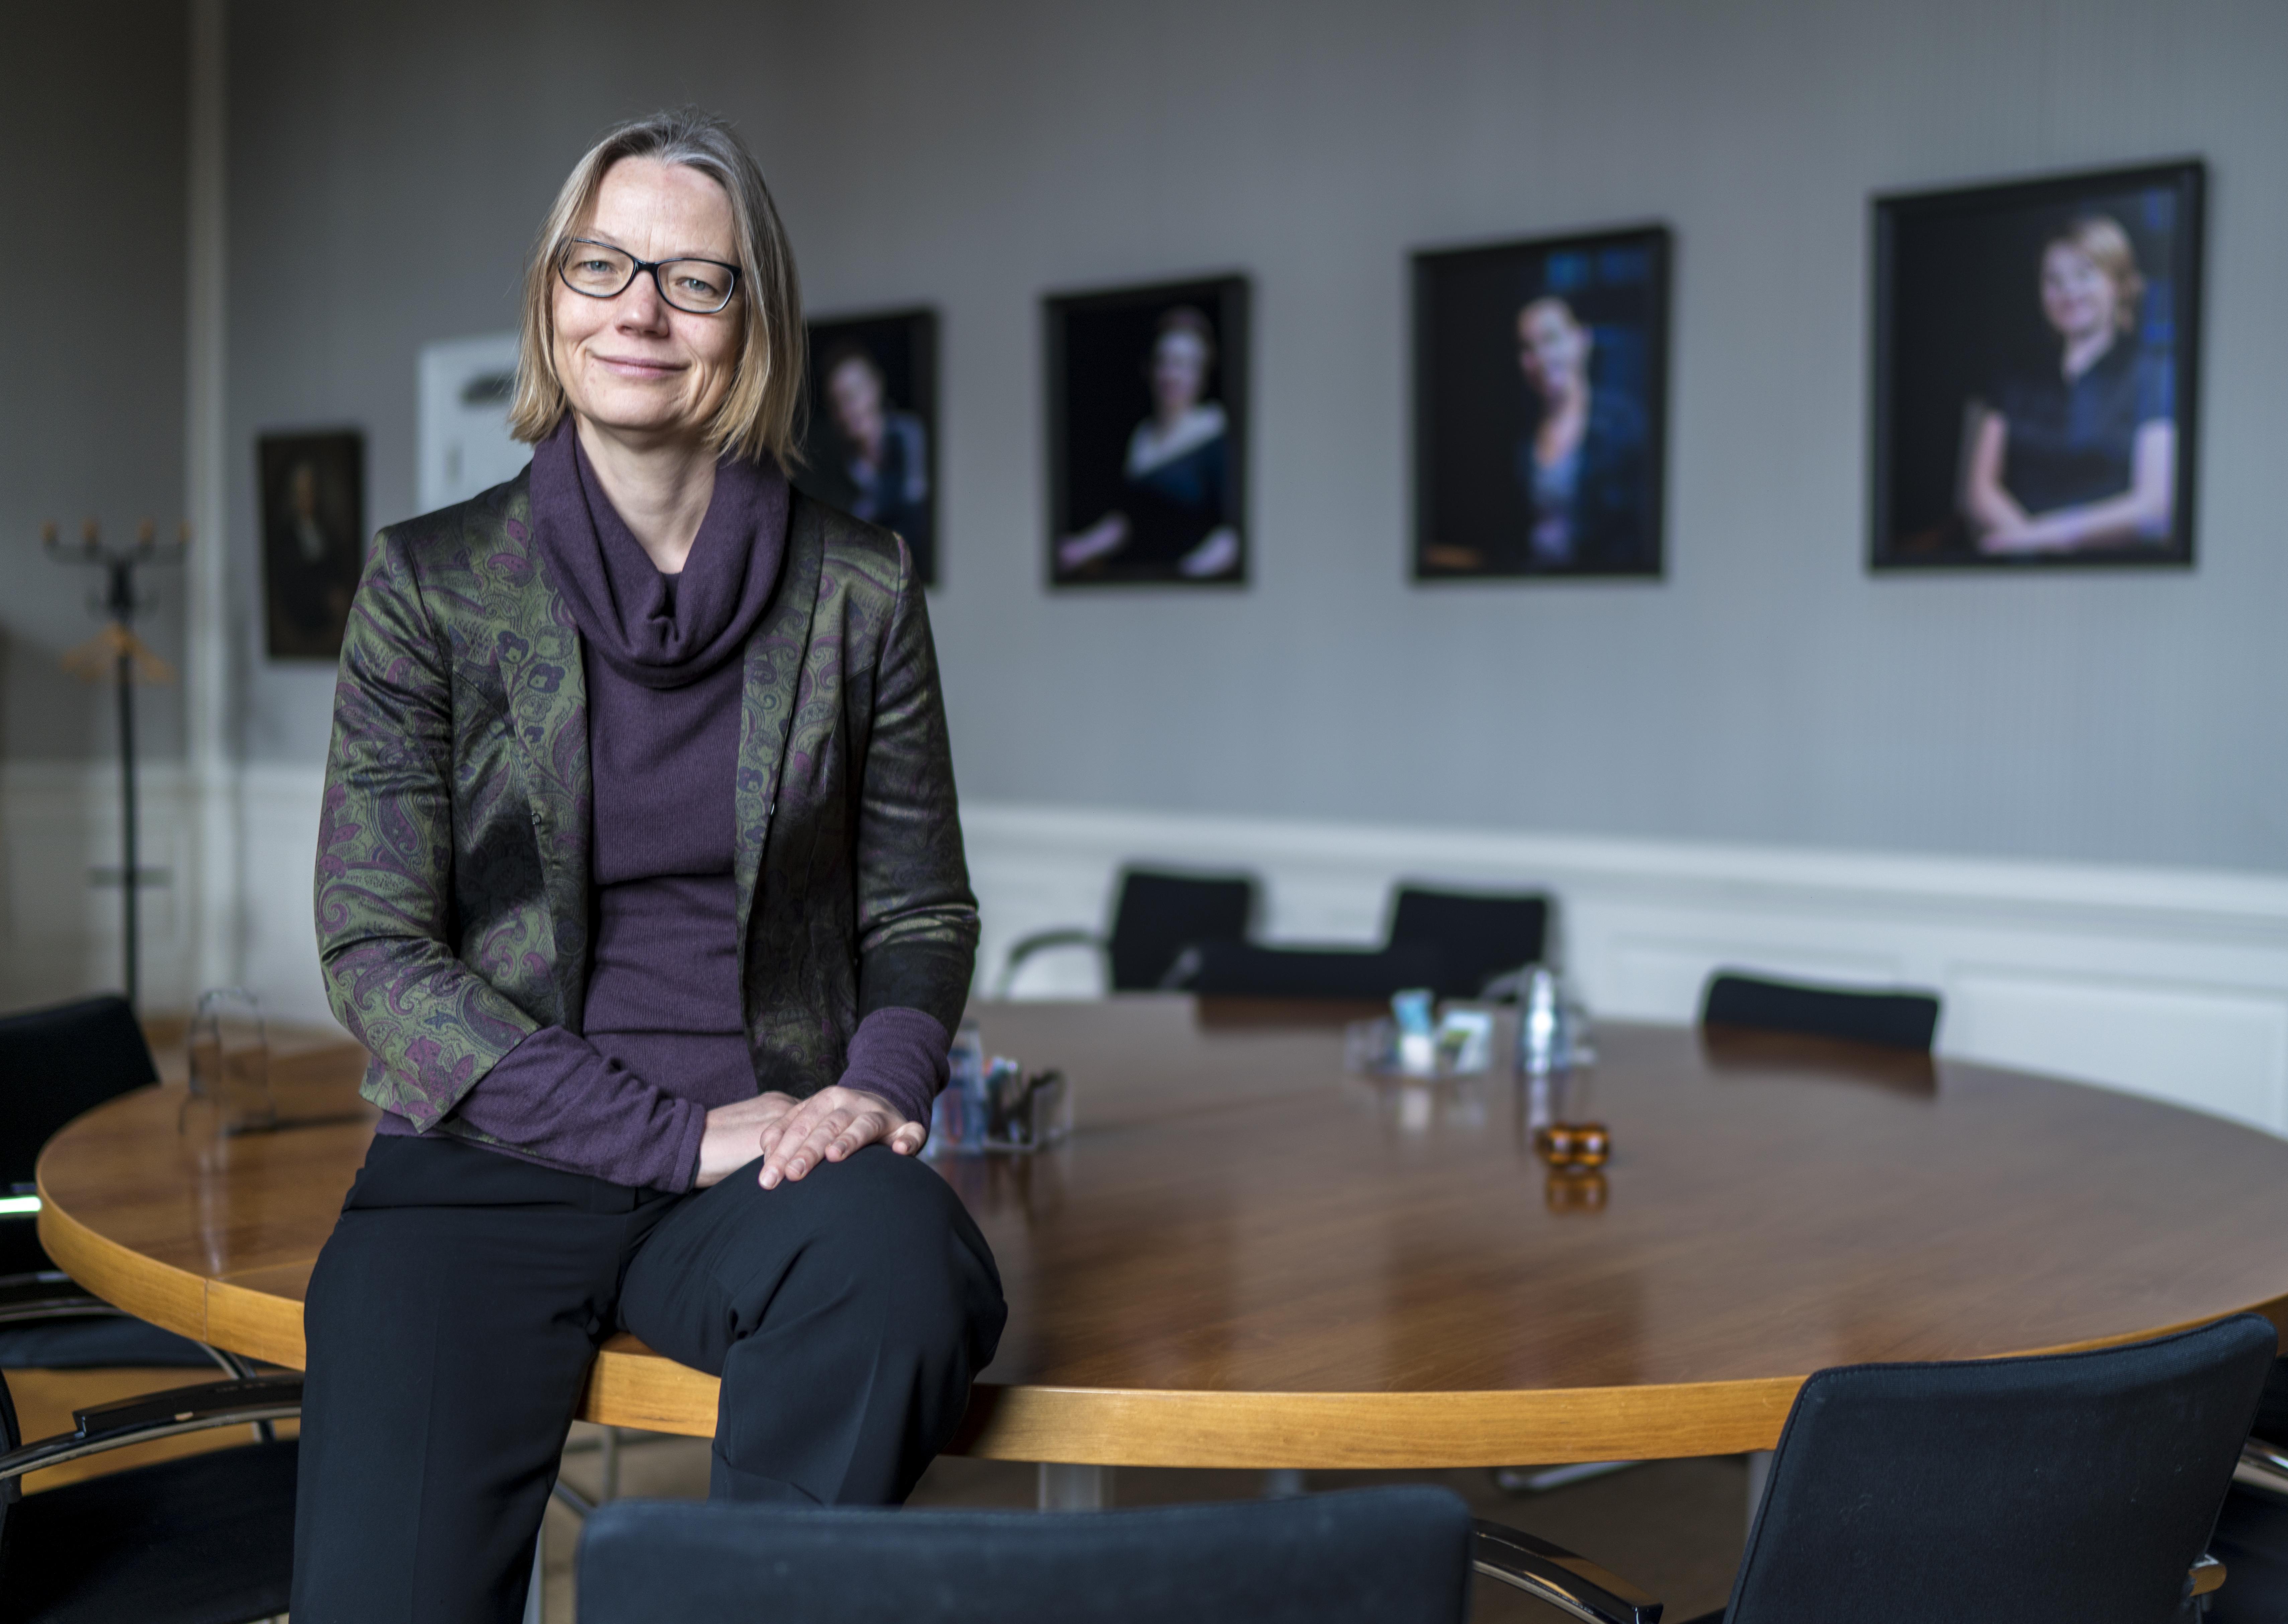 Hester Bijl volgt Carel Stolker op als rector magnificus Universiteit Leiden; College van Bestuur zoekt nog nieuwe voorzitter